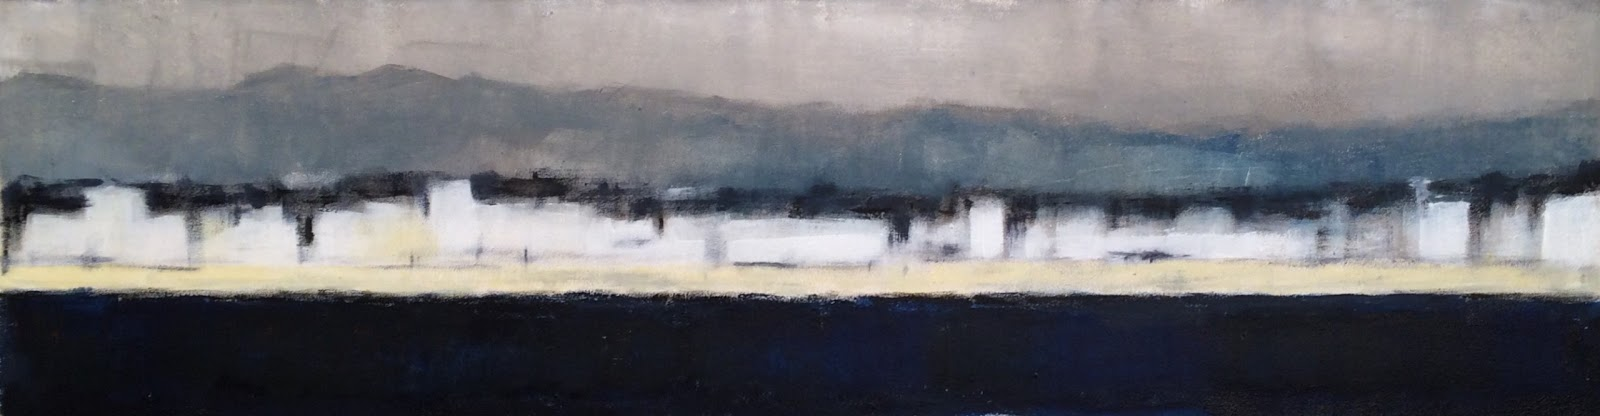 N° 3067 - Bord de mer languedocien - Acrylique sur toile - 26 x 100 cm - 23 septembre 2016